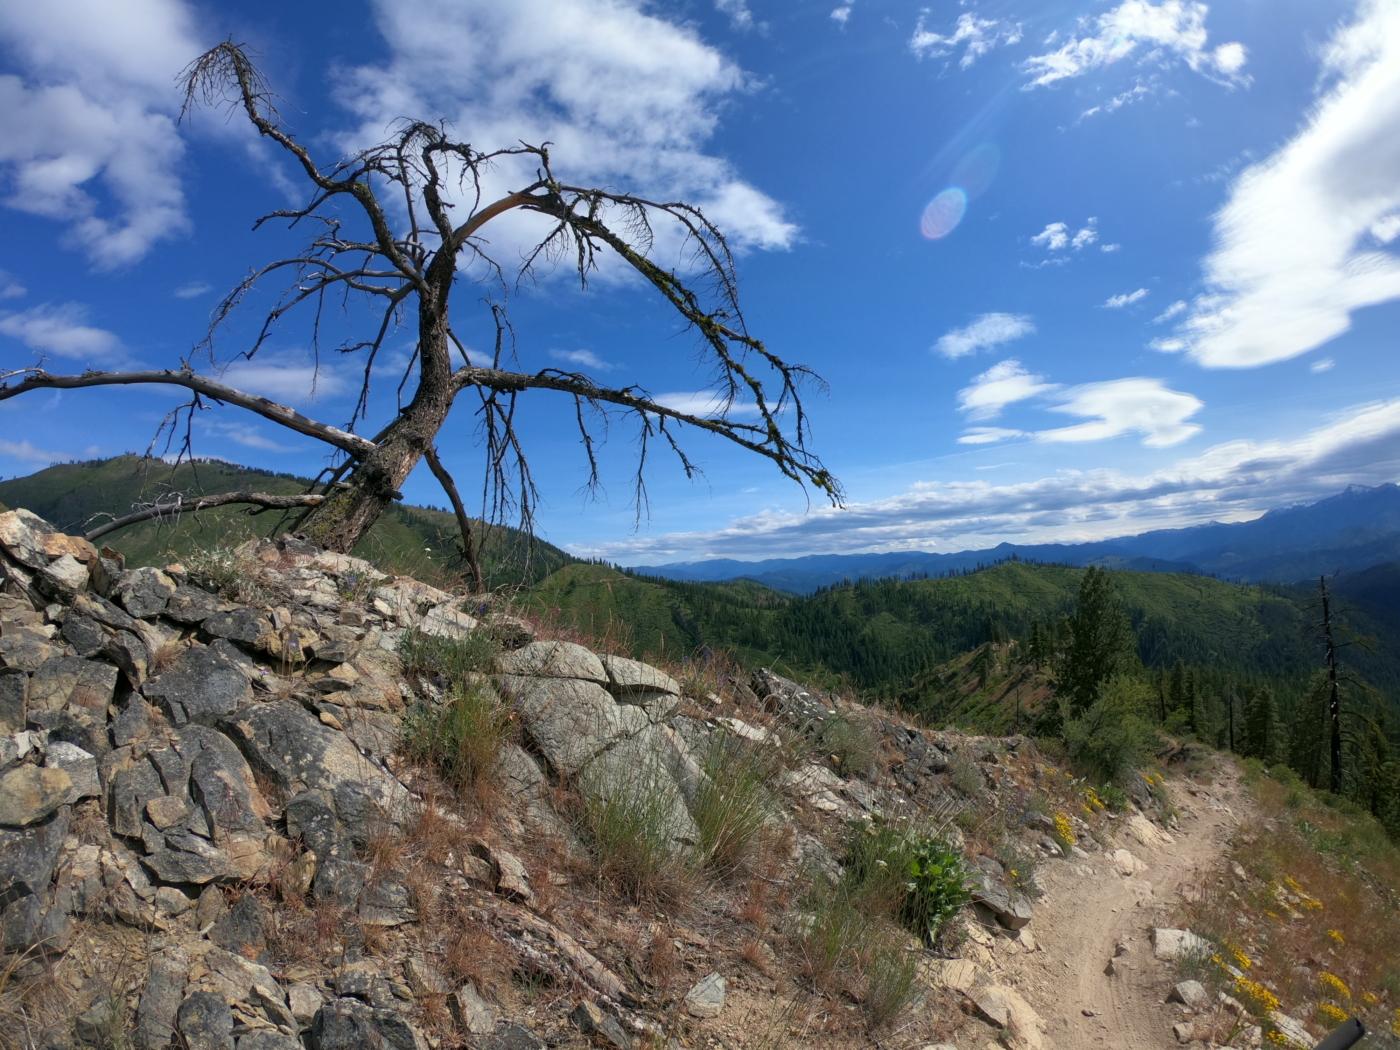 tigh single track in washington state singletrack mountain bike tour cascadie